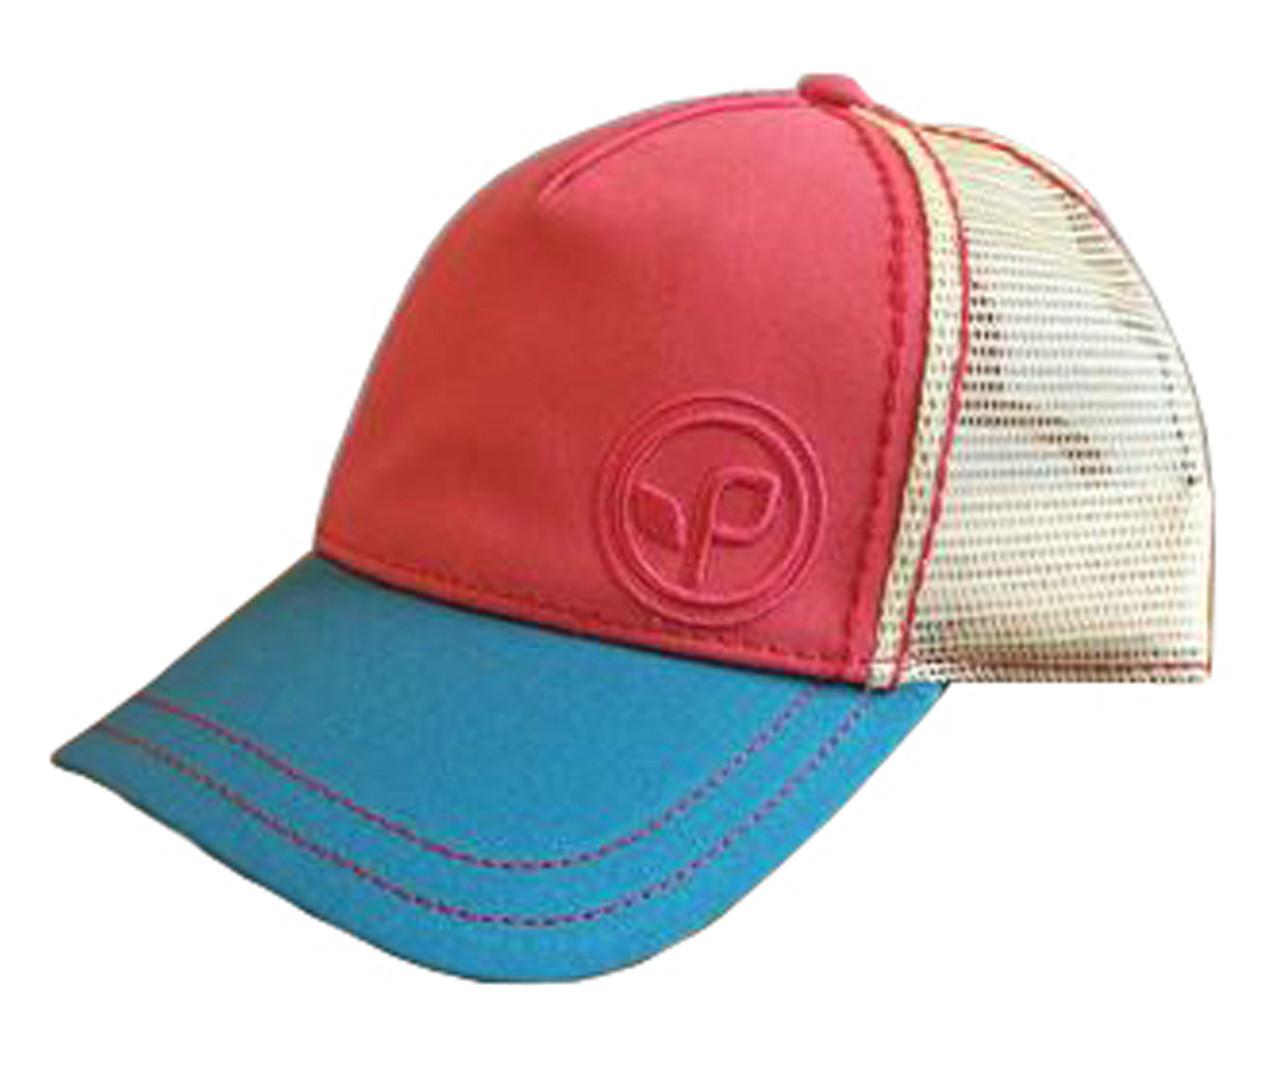 8ace5068f8e41 Pistil Lic Prod Buttercup Women s Trucker - Ed s Fly Shop